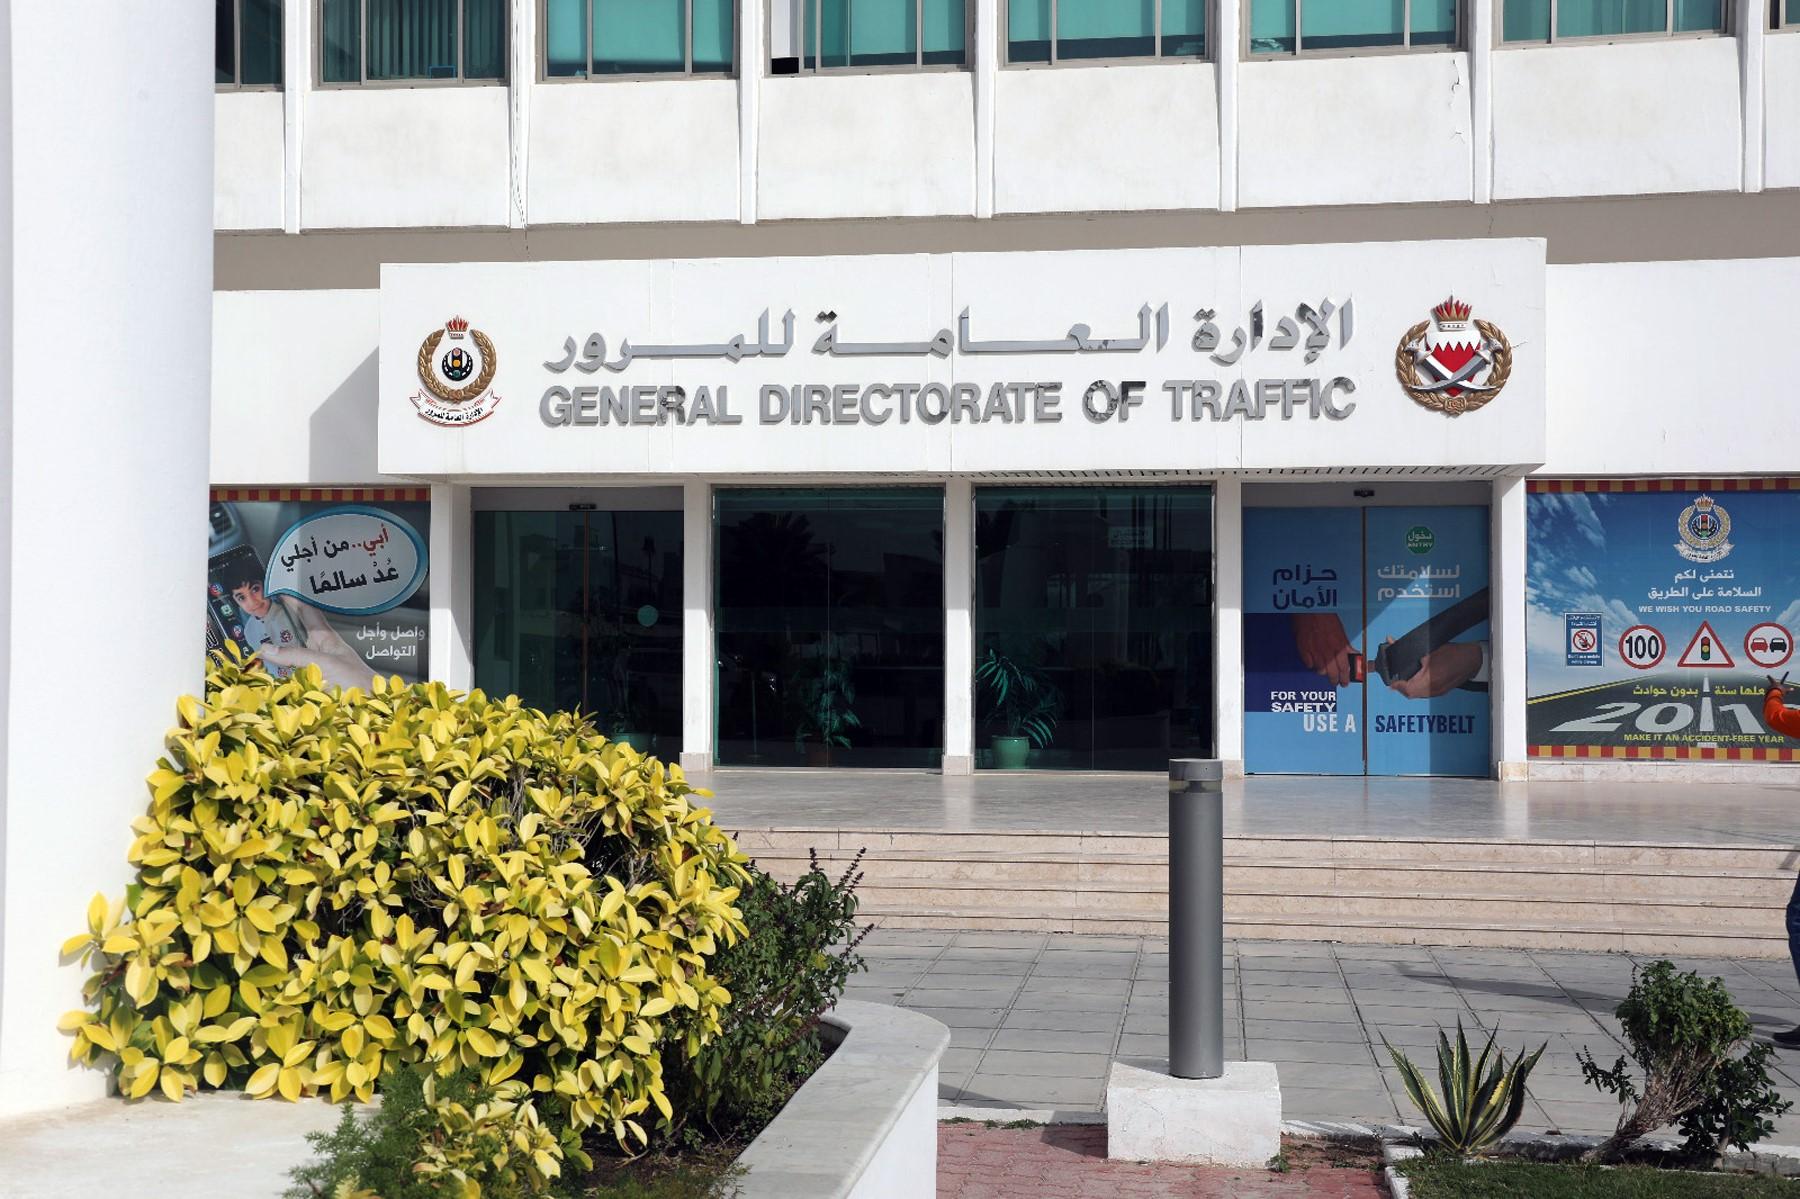 عاجل شعار اسبوع المرور الخليجي 2013 ولكن نقاش جاد جدا افكار